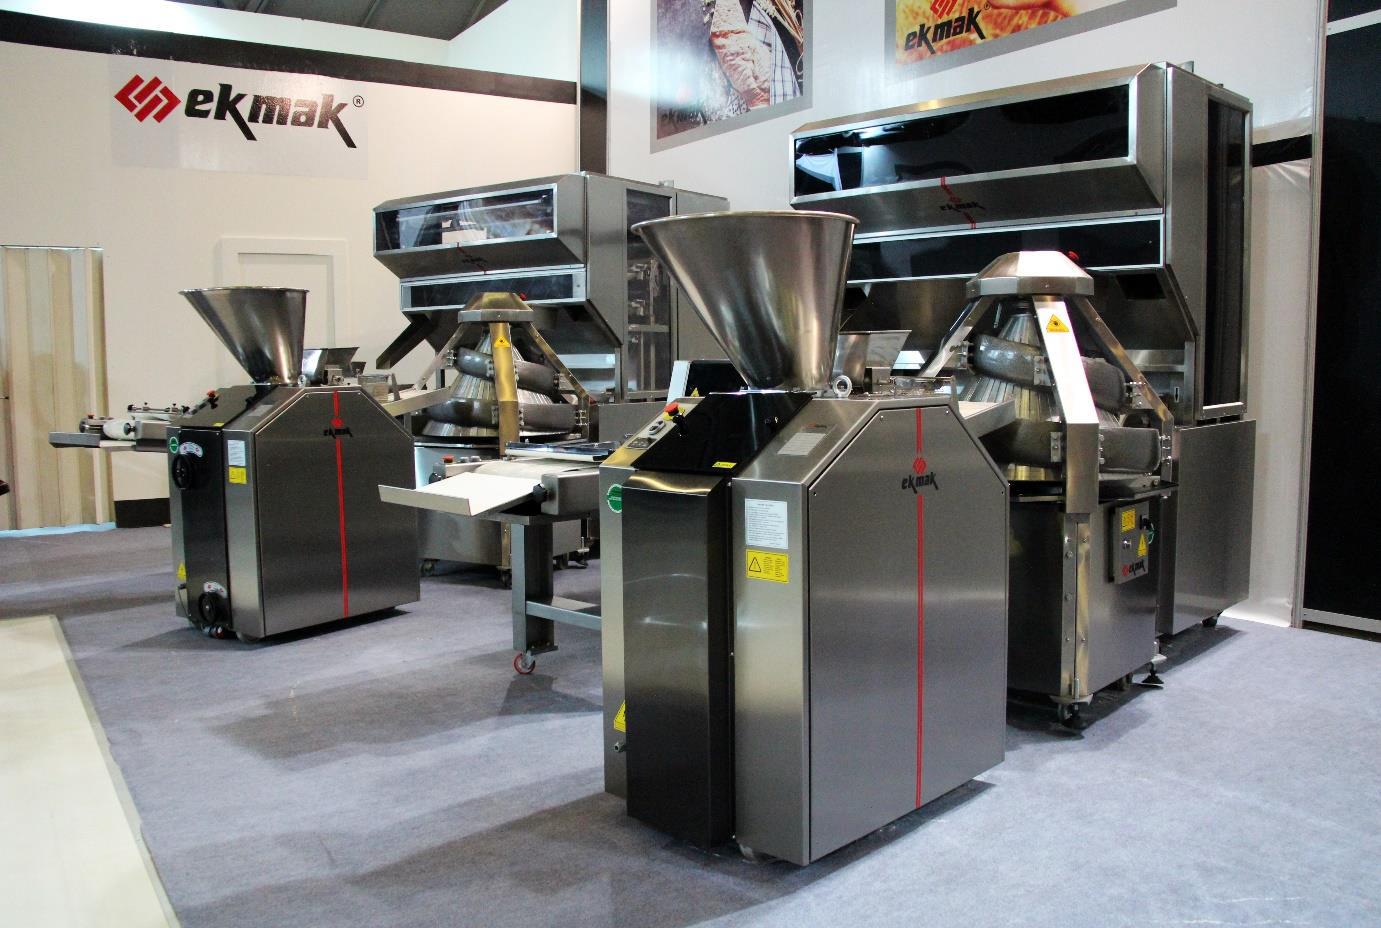 EKMAK - турецкое хлебопекарное оборудование